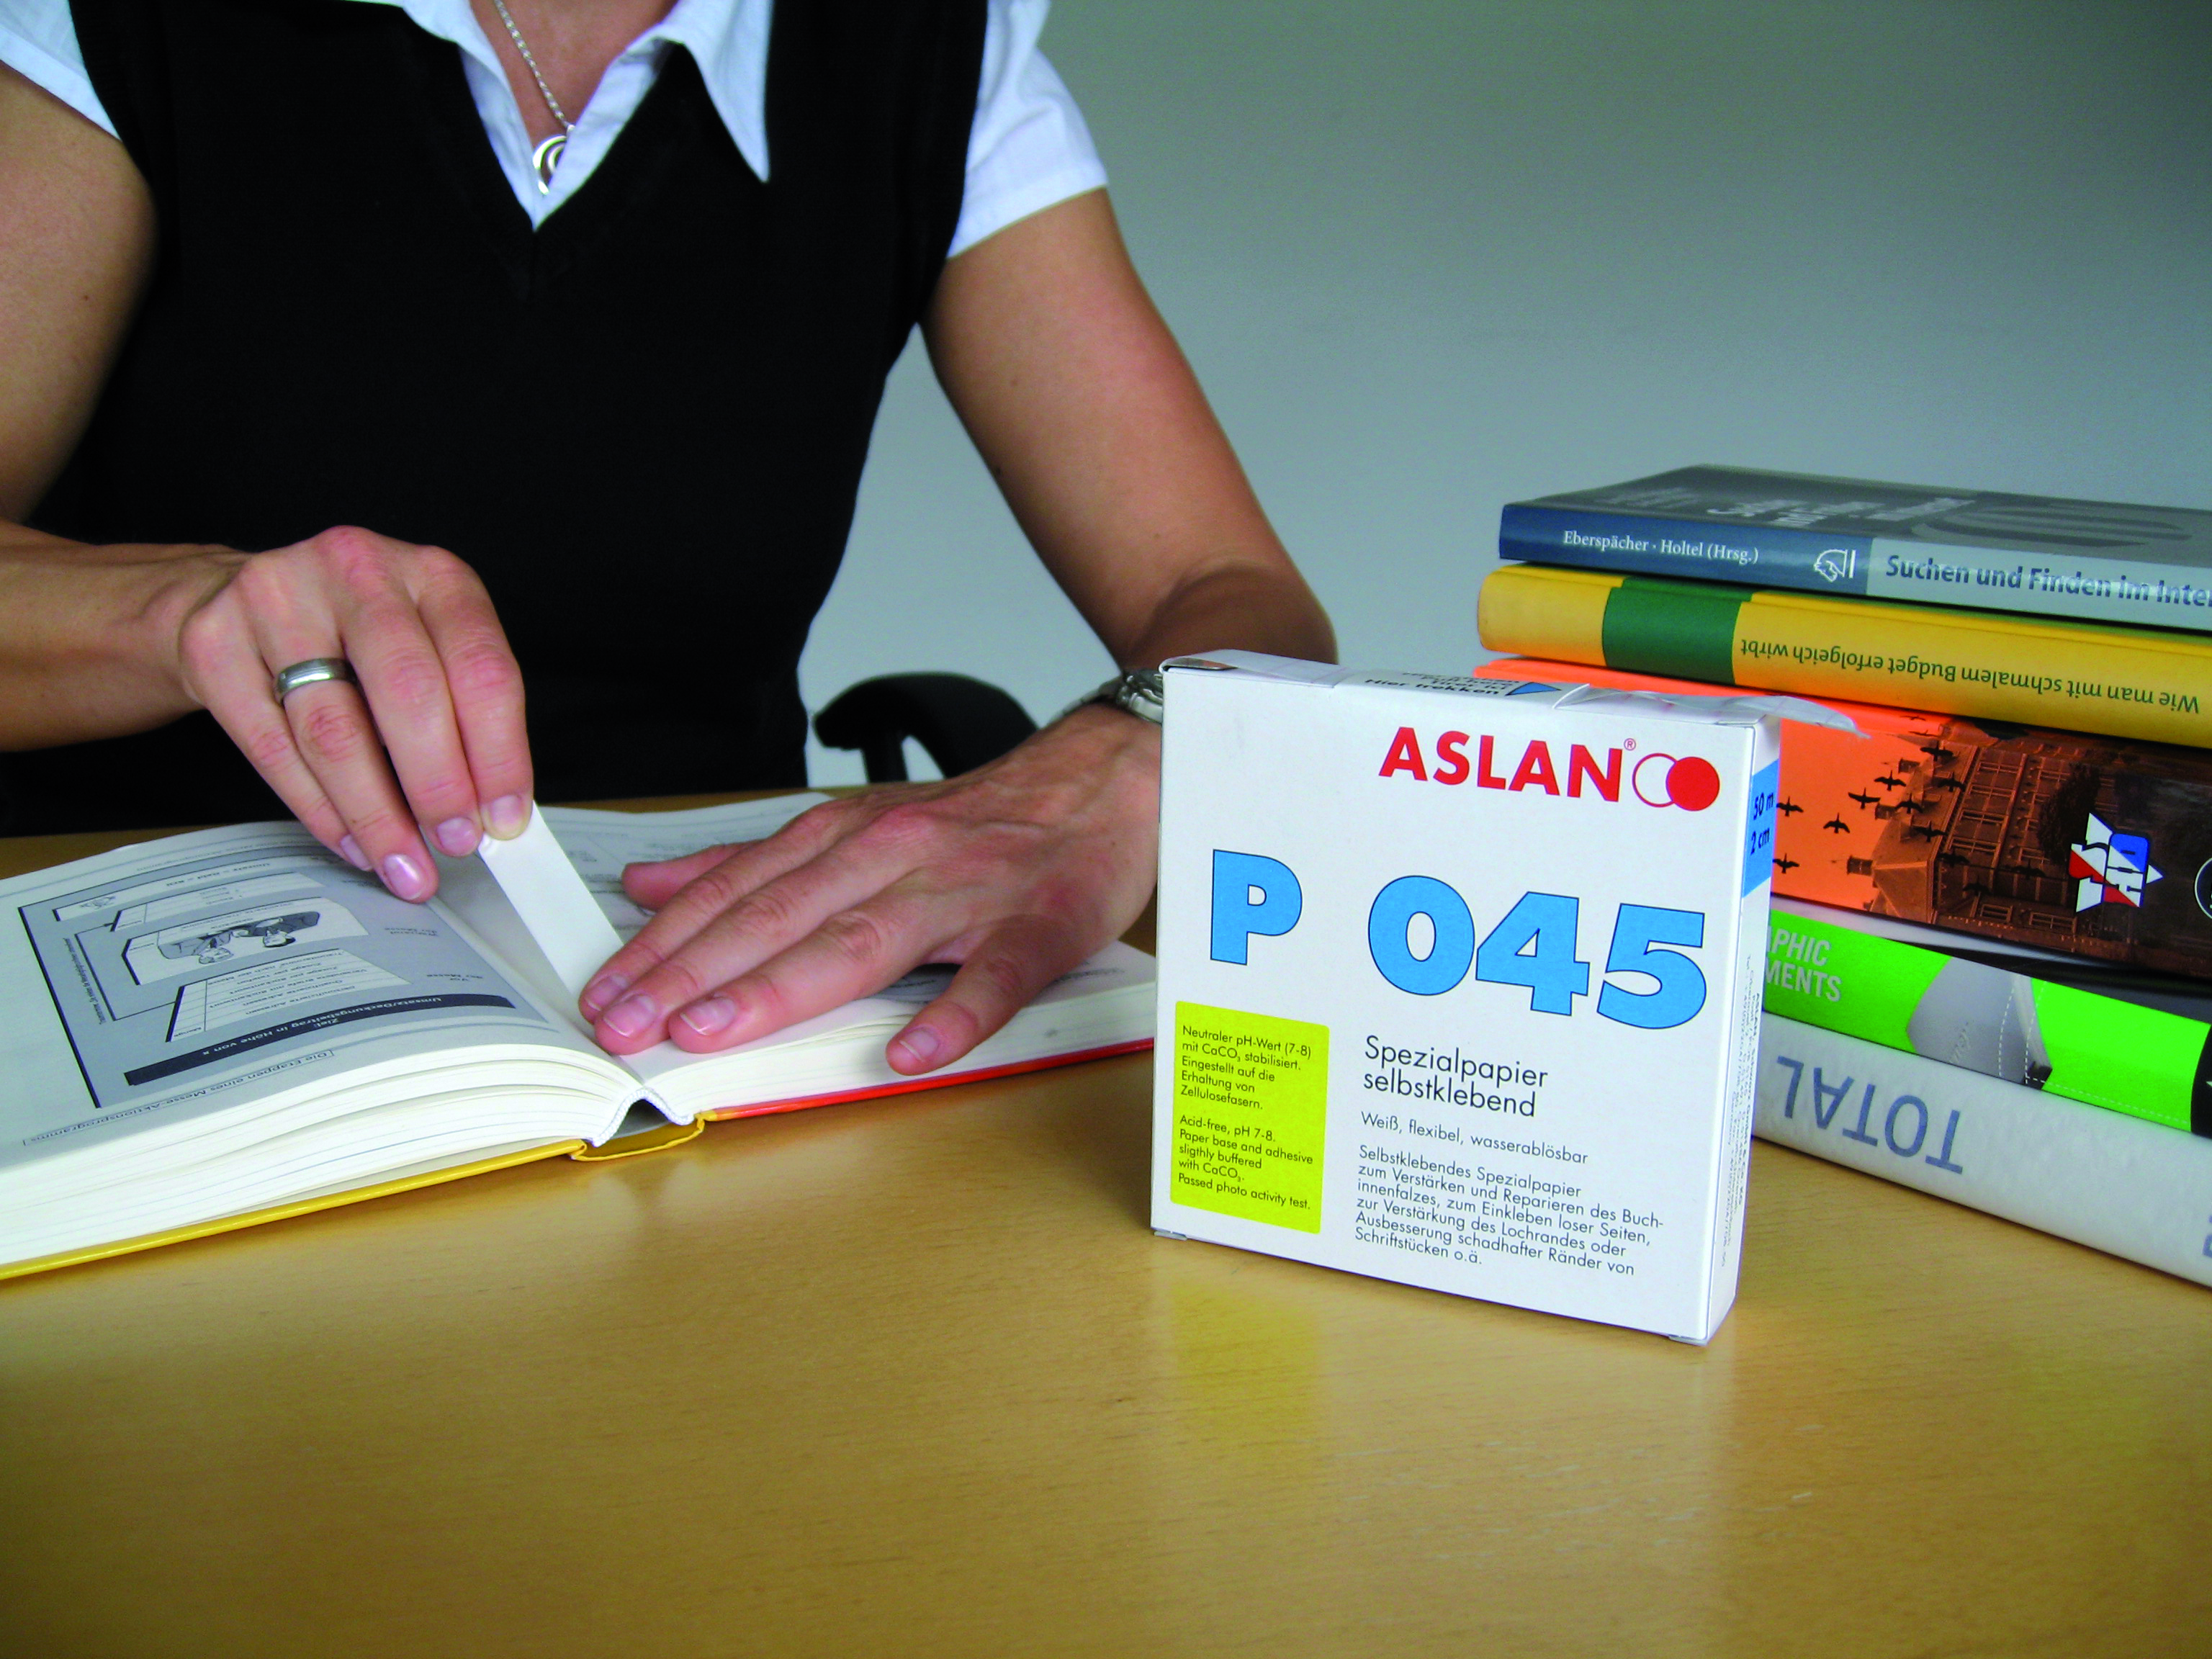 Reparaturpapier ASLAN P 045